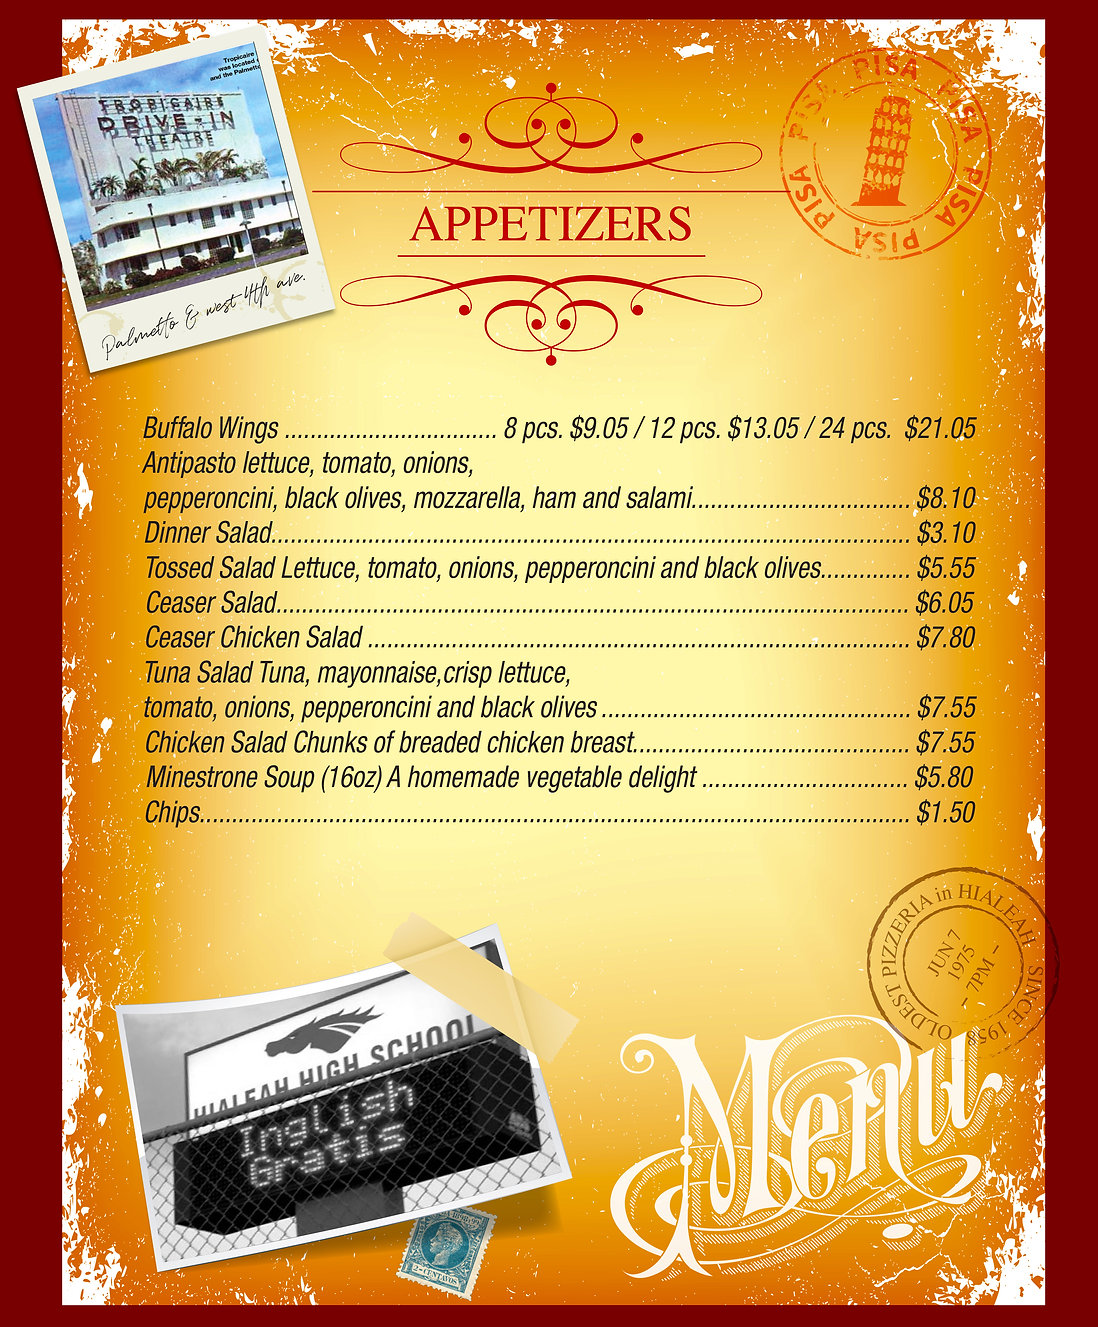 J&J Appetizers Page.jpg